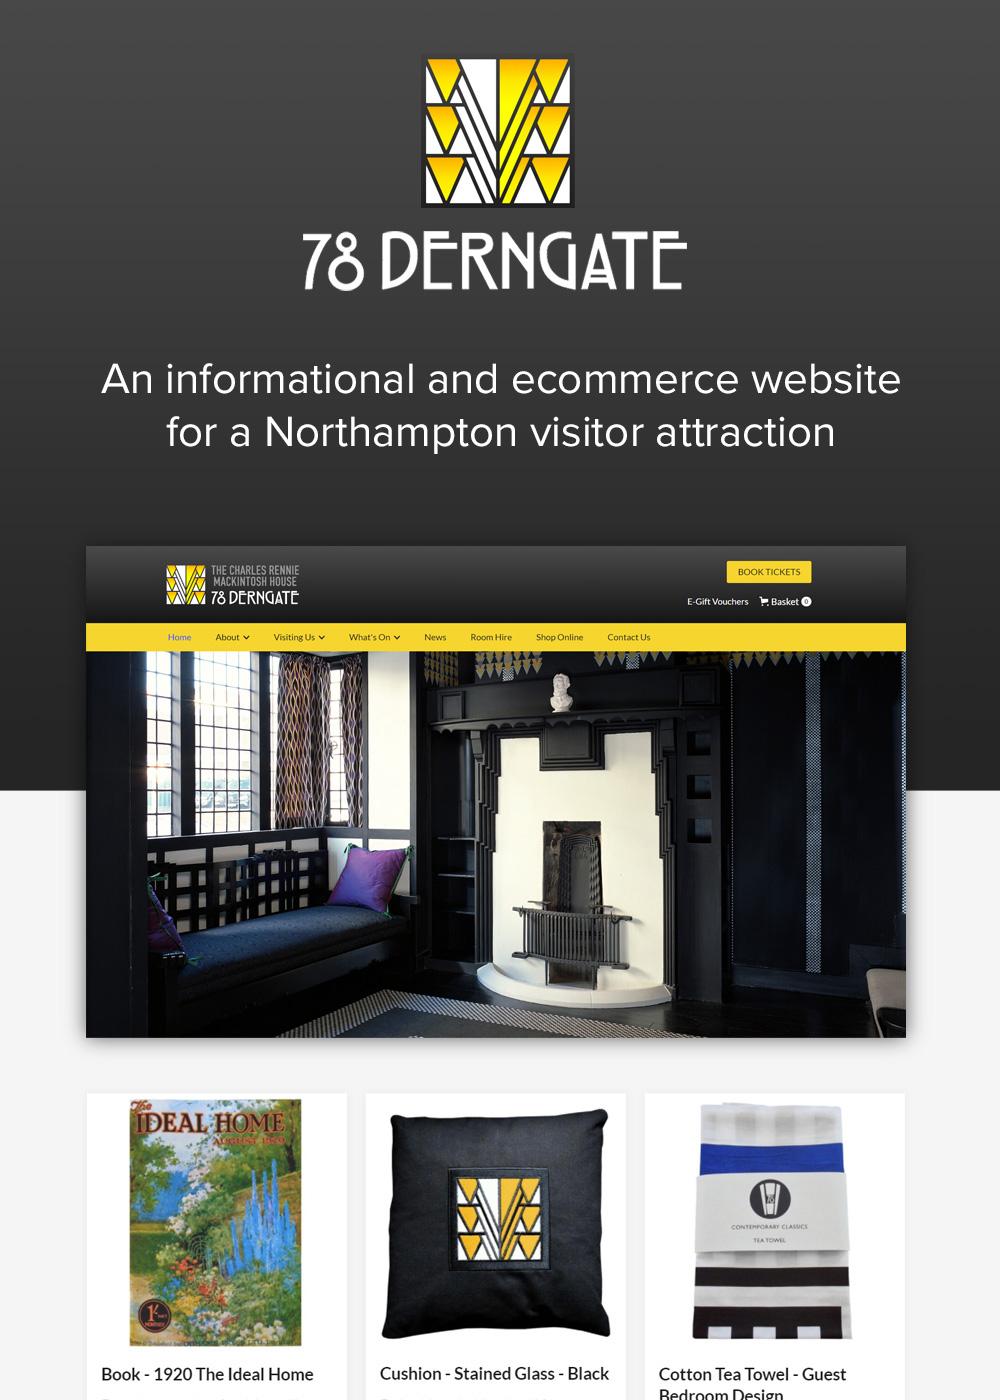 Website designed by Rugby Web Design Limited - 78 Derngate